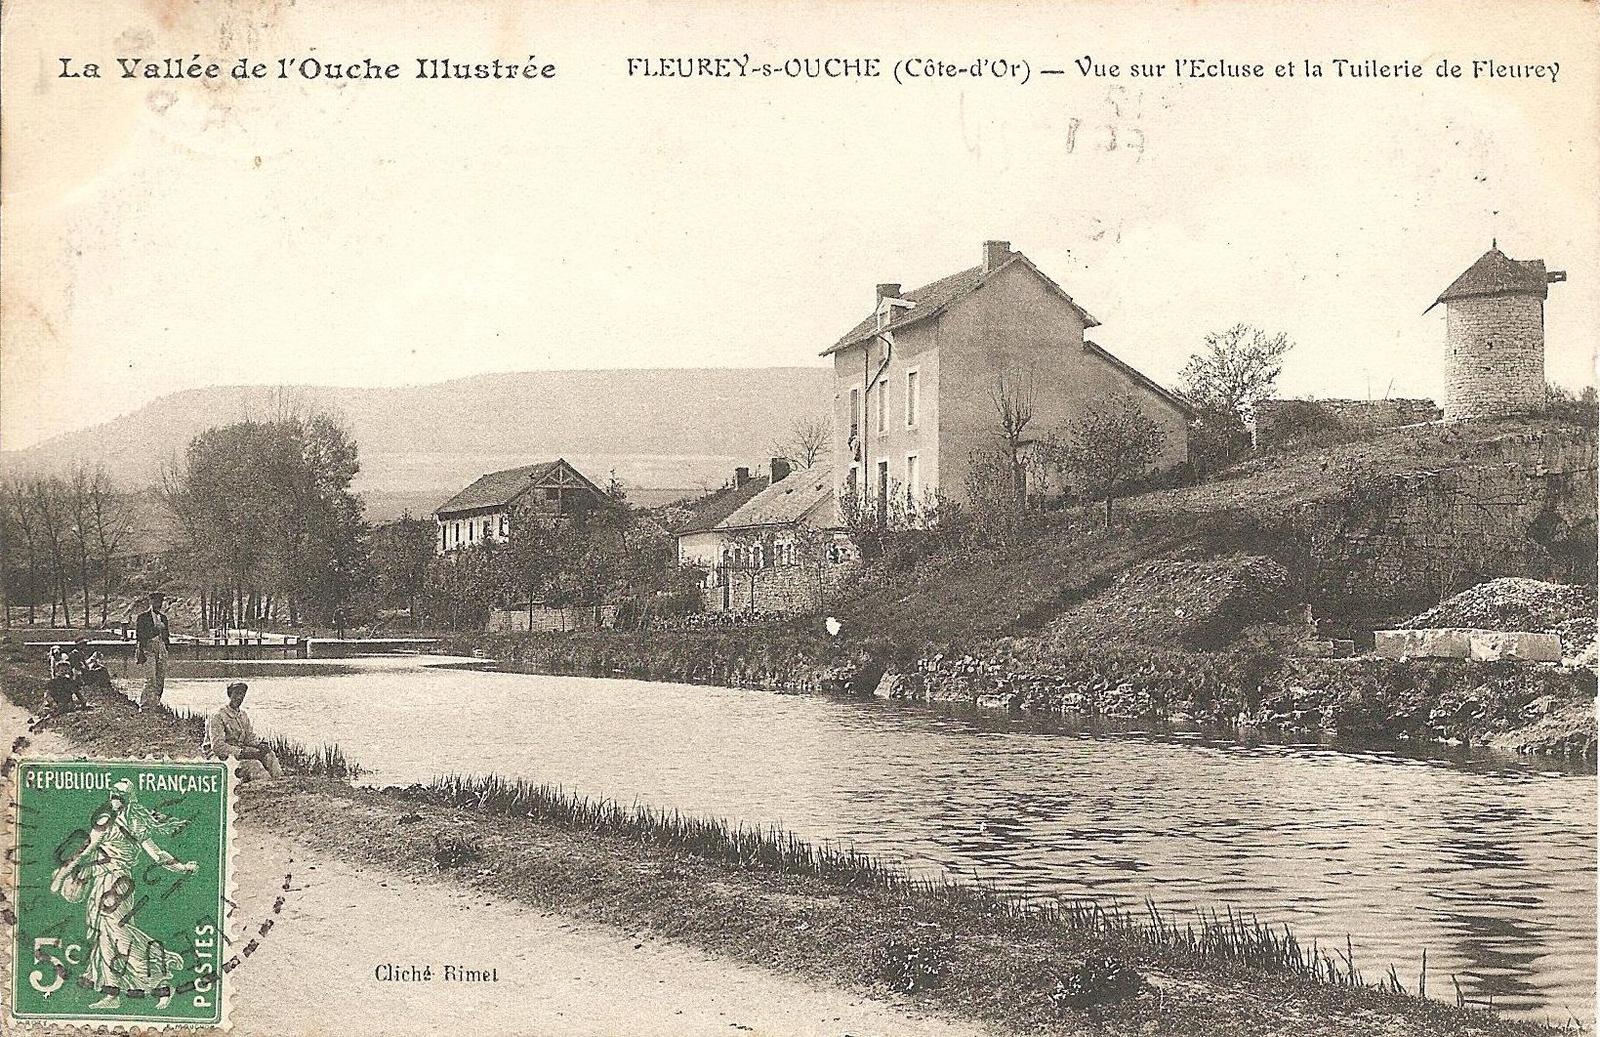 Canal De Bourgogne Carte.Fleurey Sur Ouche Le Moulin A Vent Et Le Canal De Bourgogne Carte